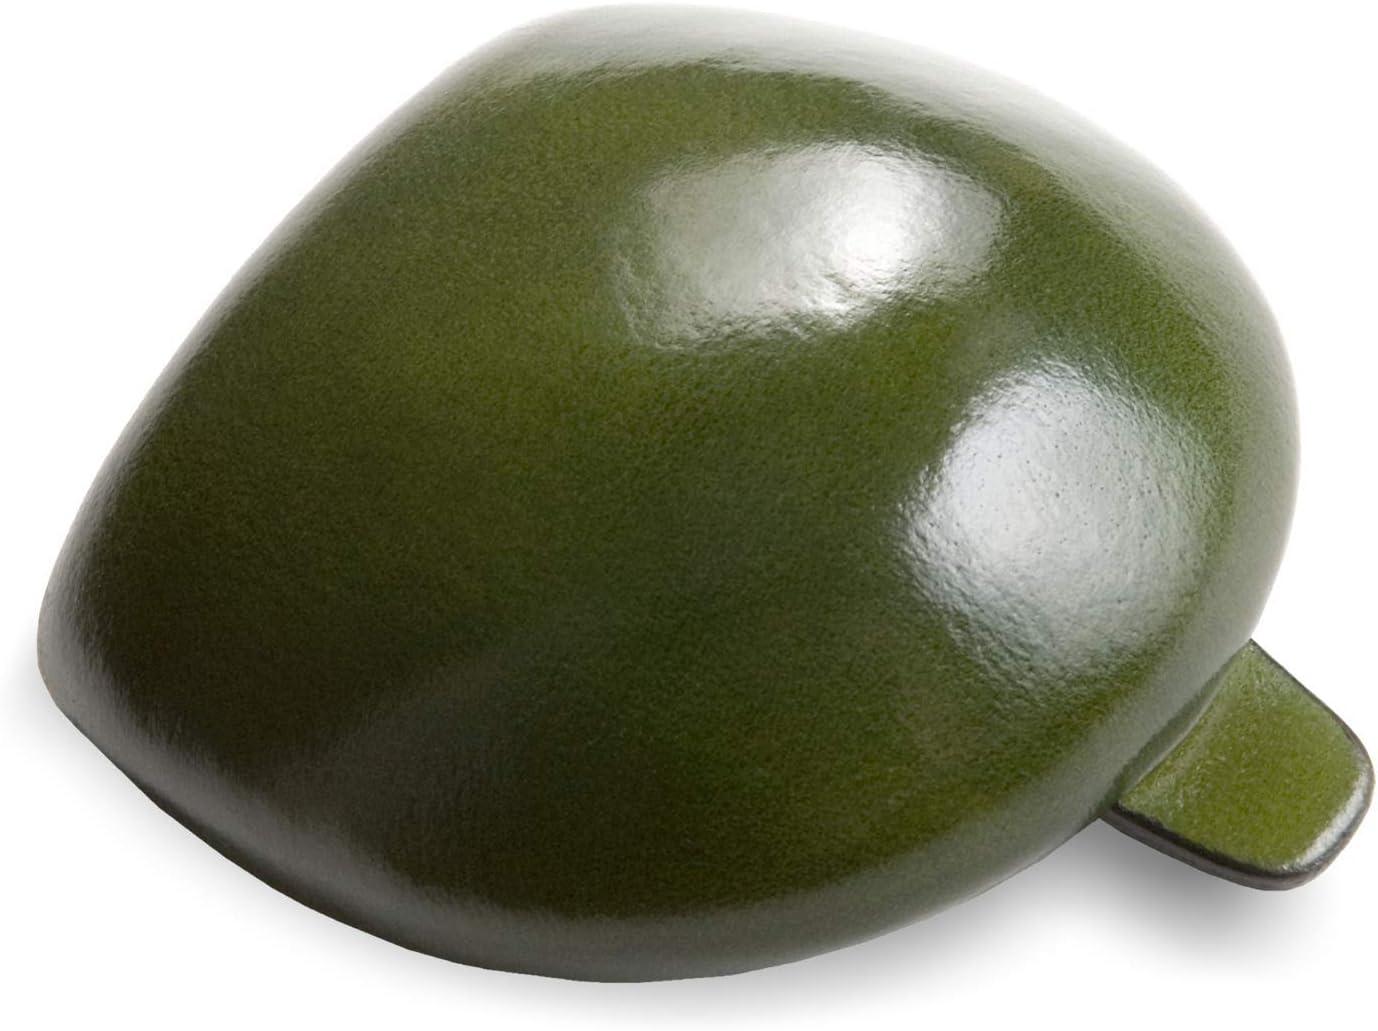 IL BUSSETTO Coin Pouch Tacco Monedero Hecho a Mano en Moes de Madera en Cuero Pintado con Colores Vegetales y Líneas de Construcción Invisible. (Darkgreen)